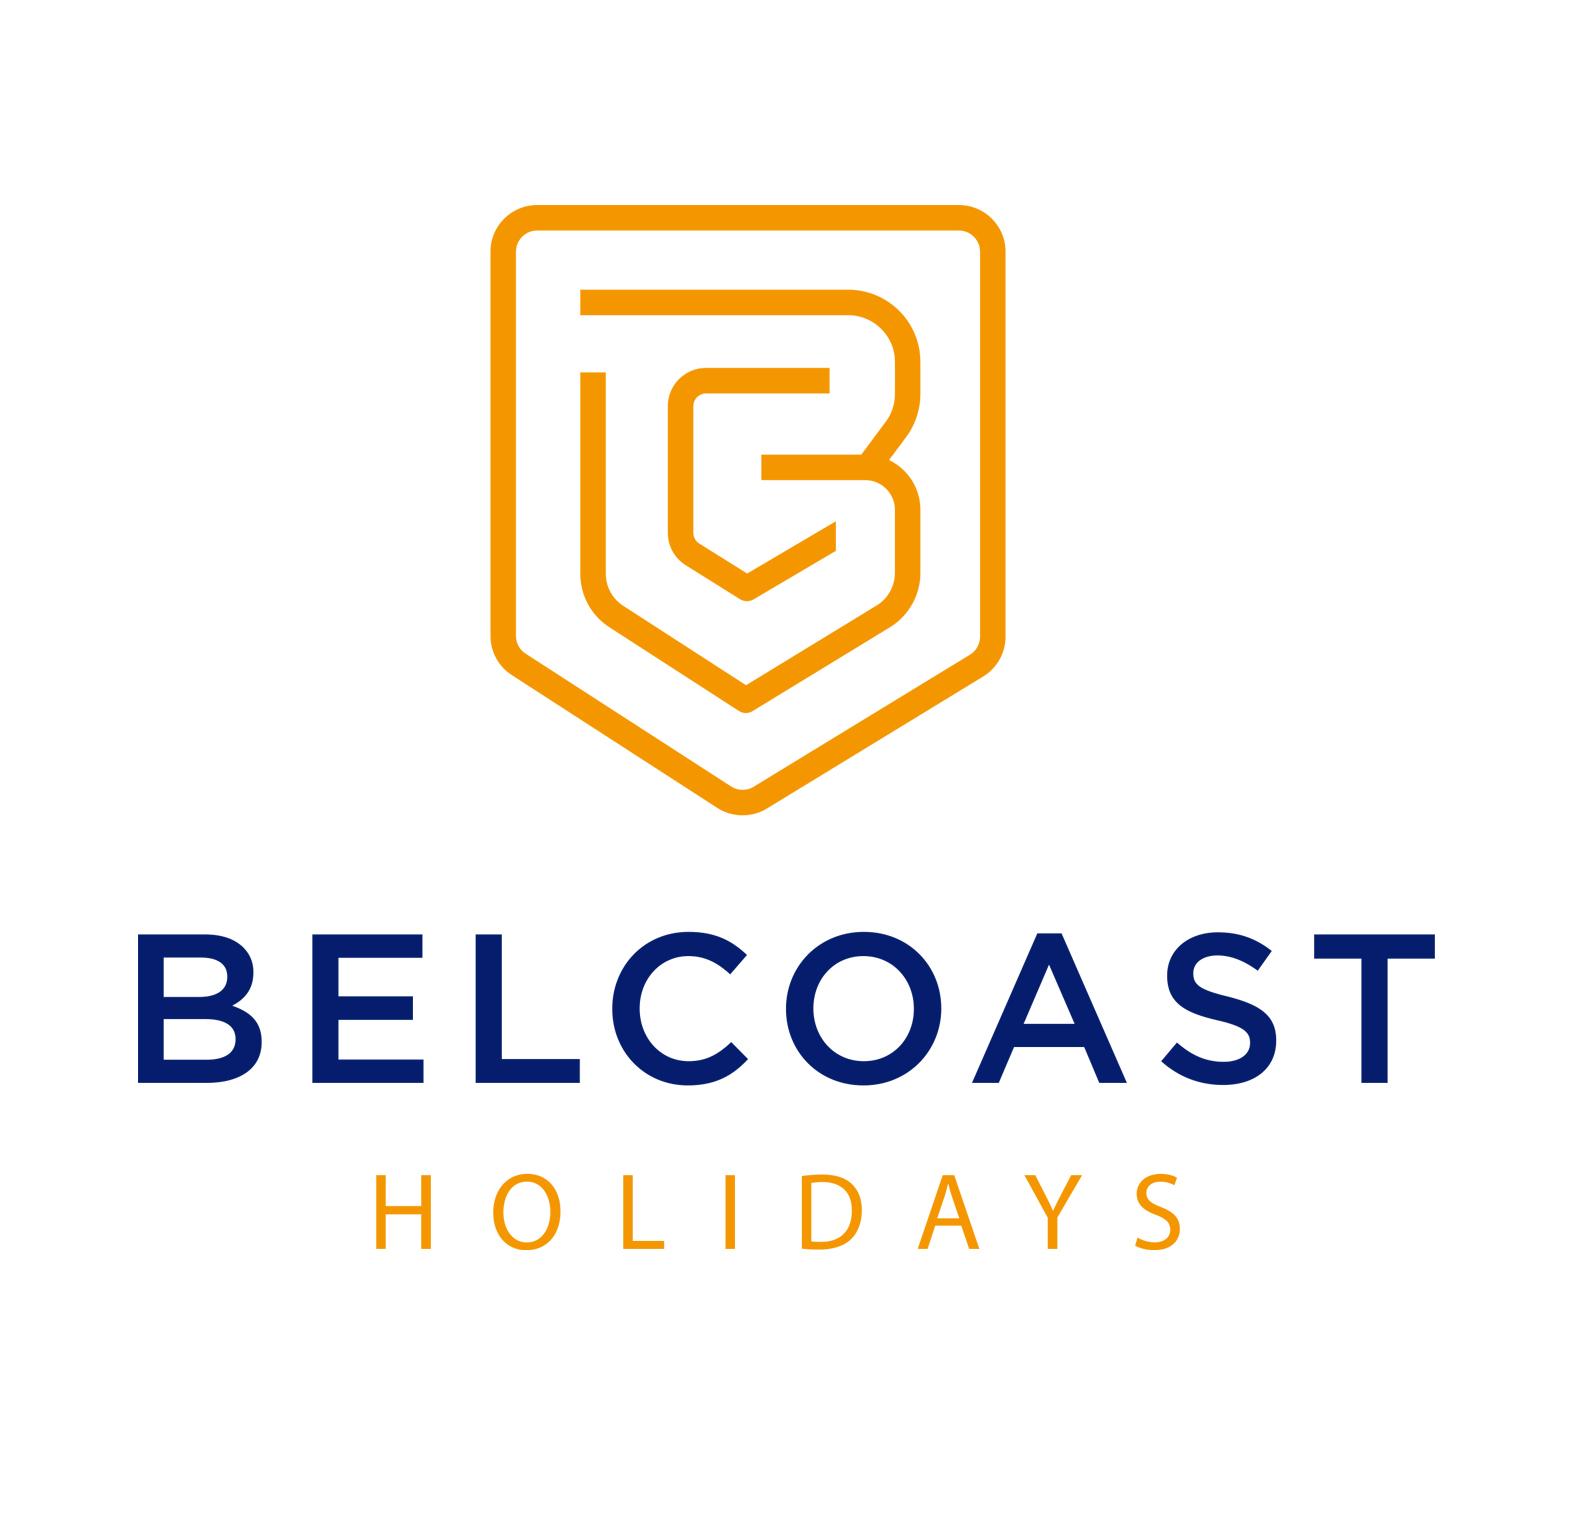 Belcoast Holidays